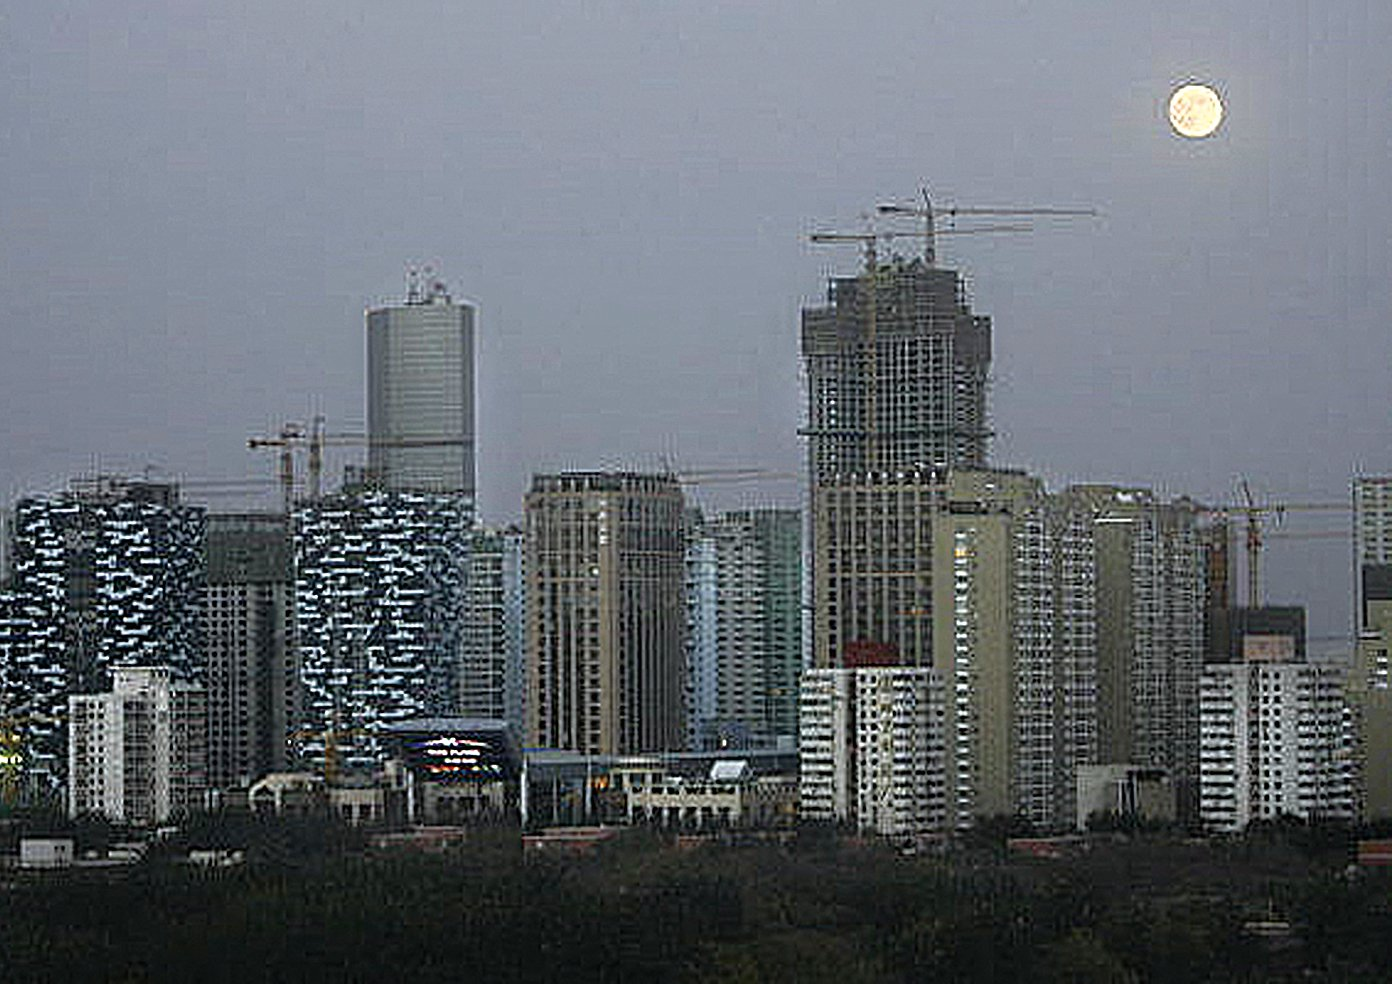 近日,中共31部委聯合簽署文件,推出37條懲戒措施。預期大樓樓市格局生變。圖為北京的高樓群。(Getty Images)